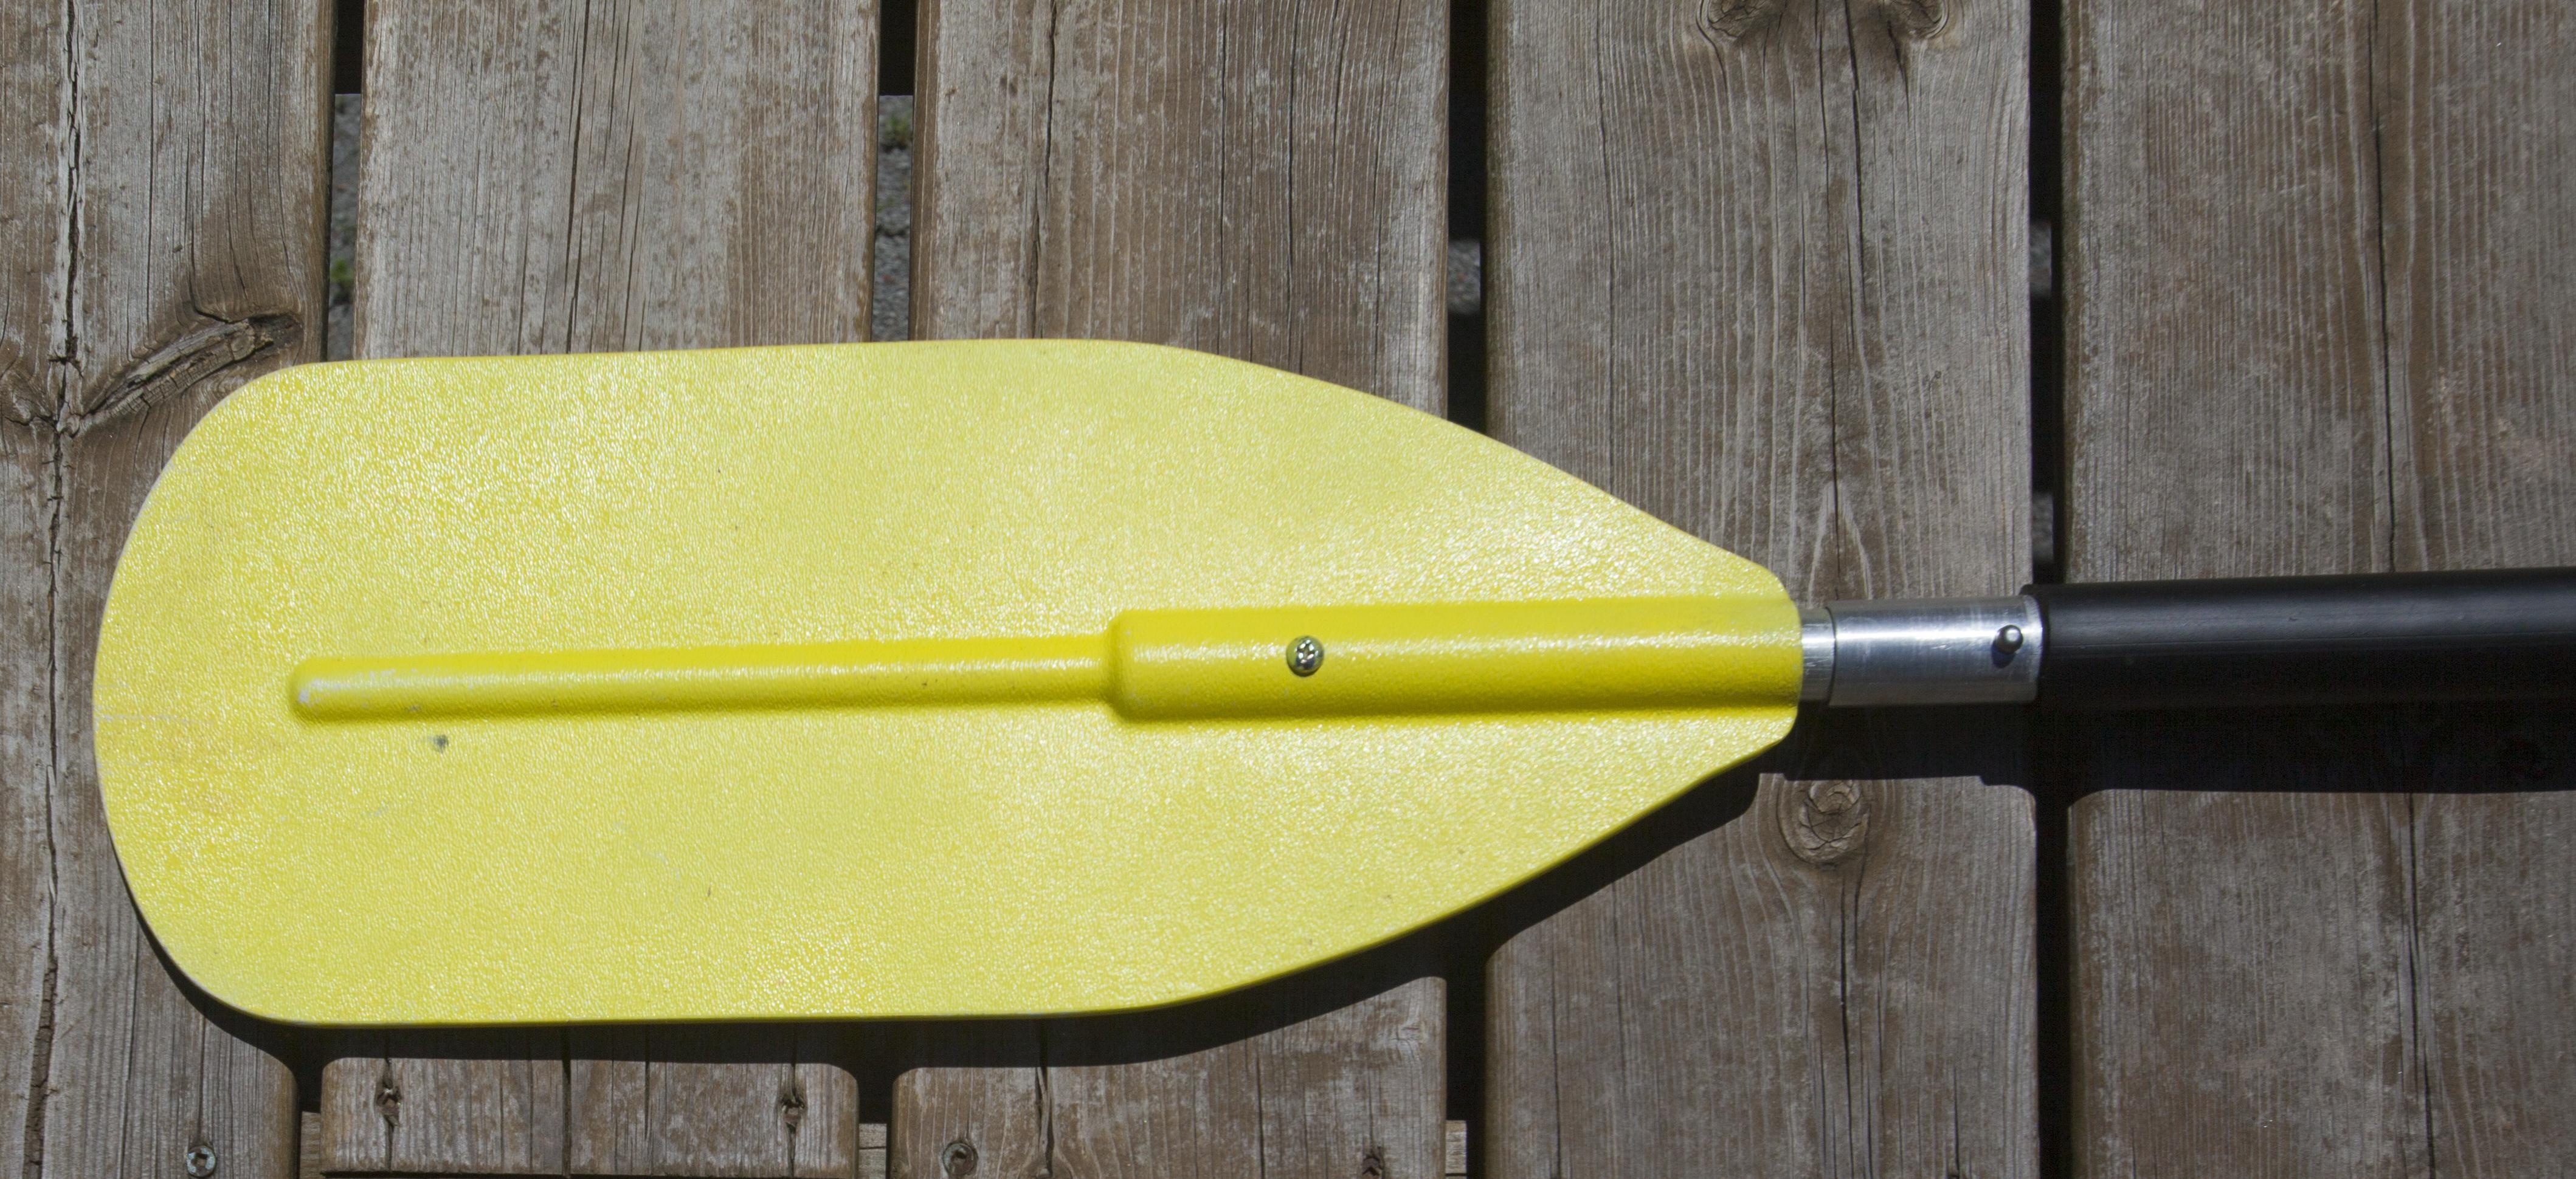 Ferrules on a yellow kayak paddle shaft